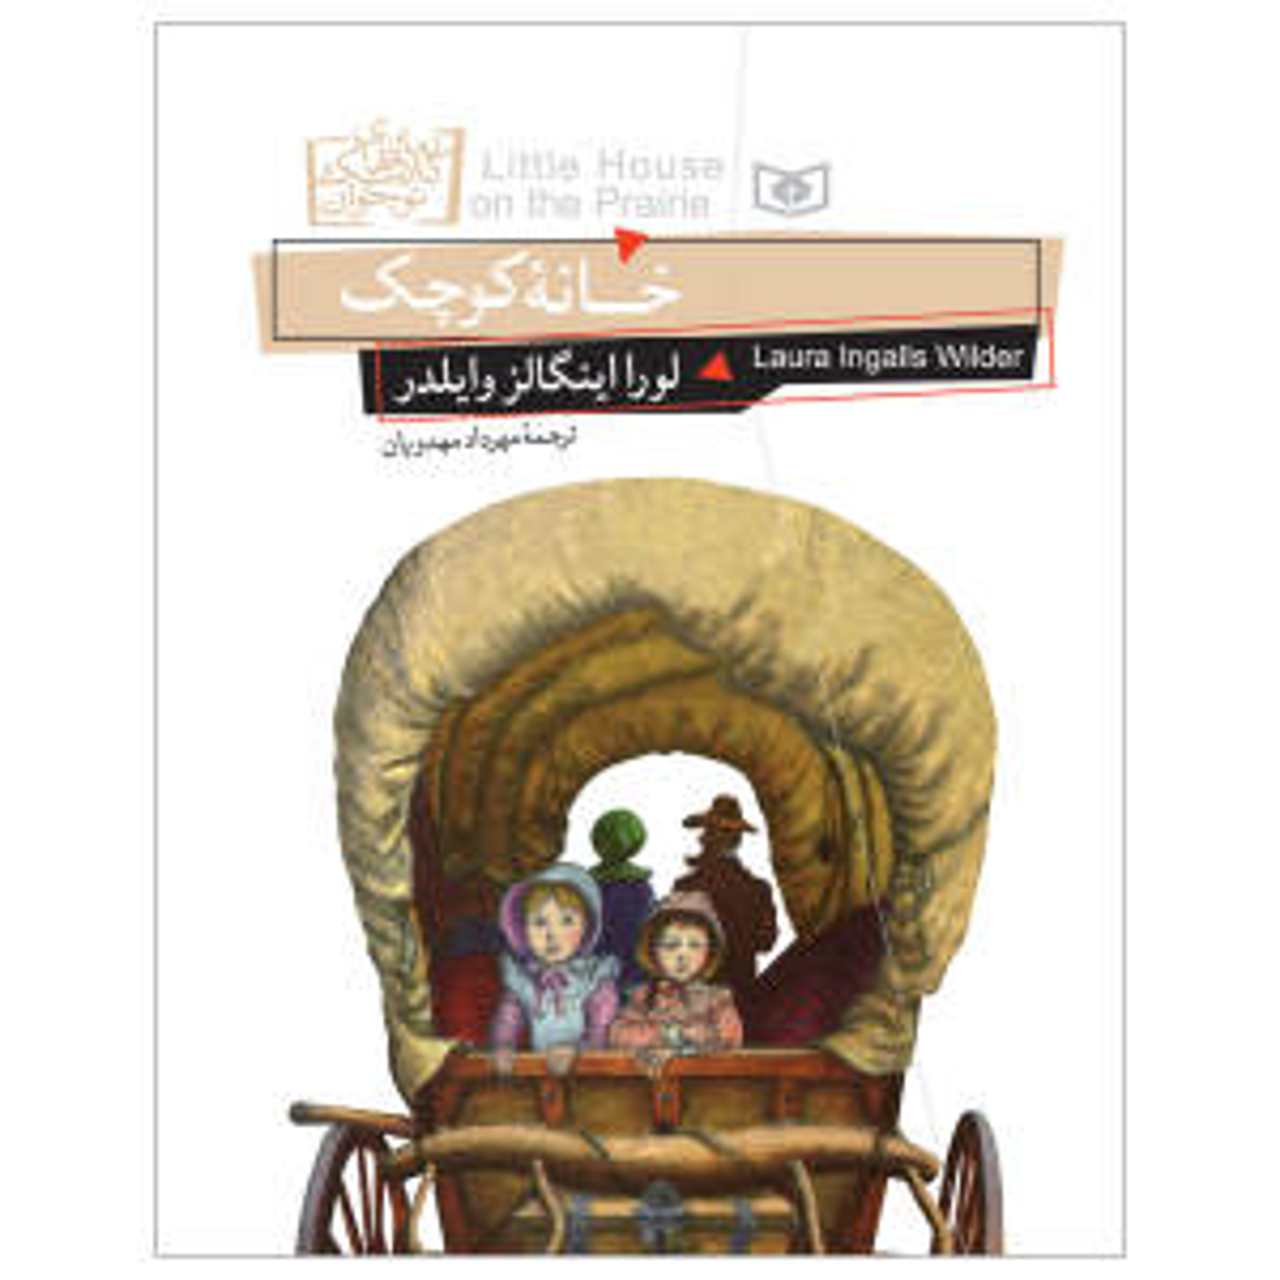 خرید                      کتاب خانه کوچک اثر لورا اینگالز وایلدر انتشارات قدیانی